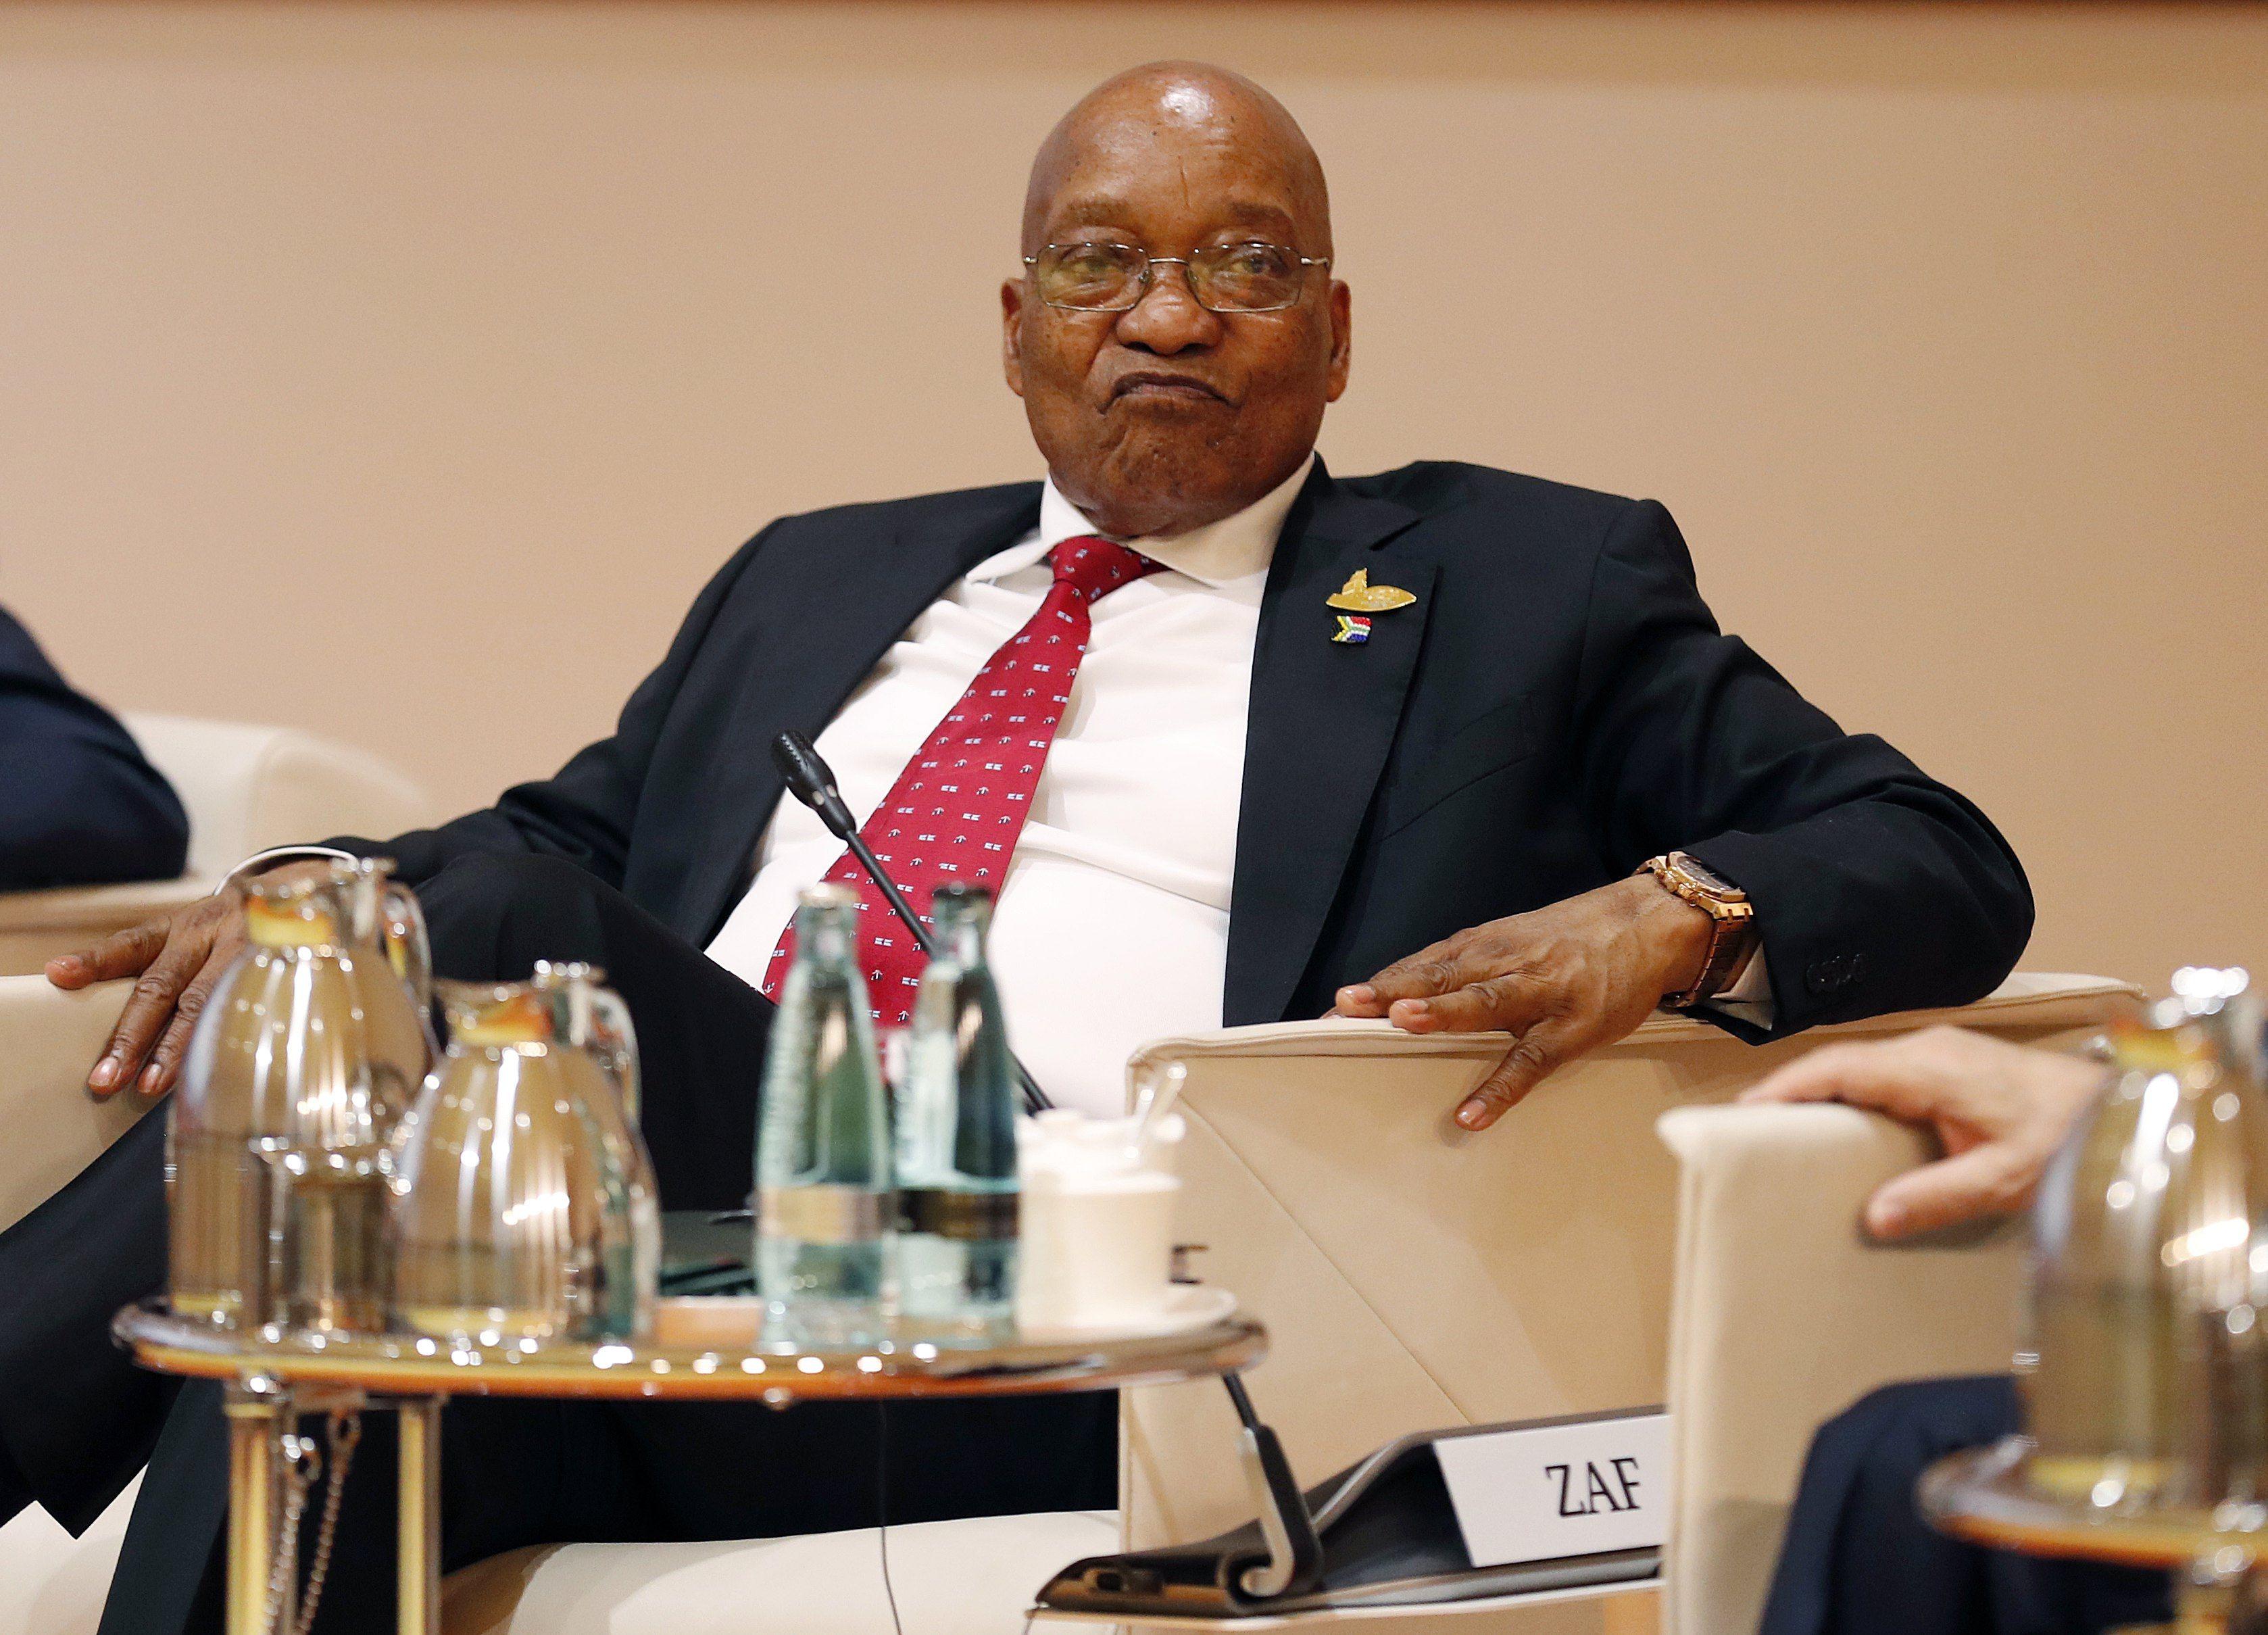 A dél-afrikai elnök, Jacob Zuma a hamburgi G20-csúcson, 2017 július 7-én. A dél-afrikai legfelsőbb bíróság 2017. október 13-án úgy döntött, az elnök vád alá helyzhető mintegy 800 korrupciós ügyben. A vádak egy 1990-es fegyverüzlethez köthetőek. EPA/FRIEDEMANN VOGEL/POOL